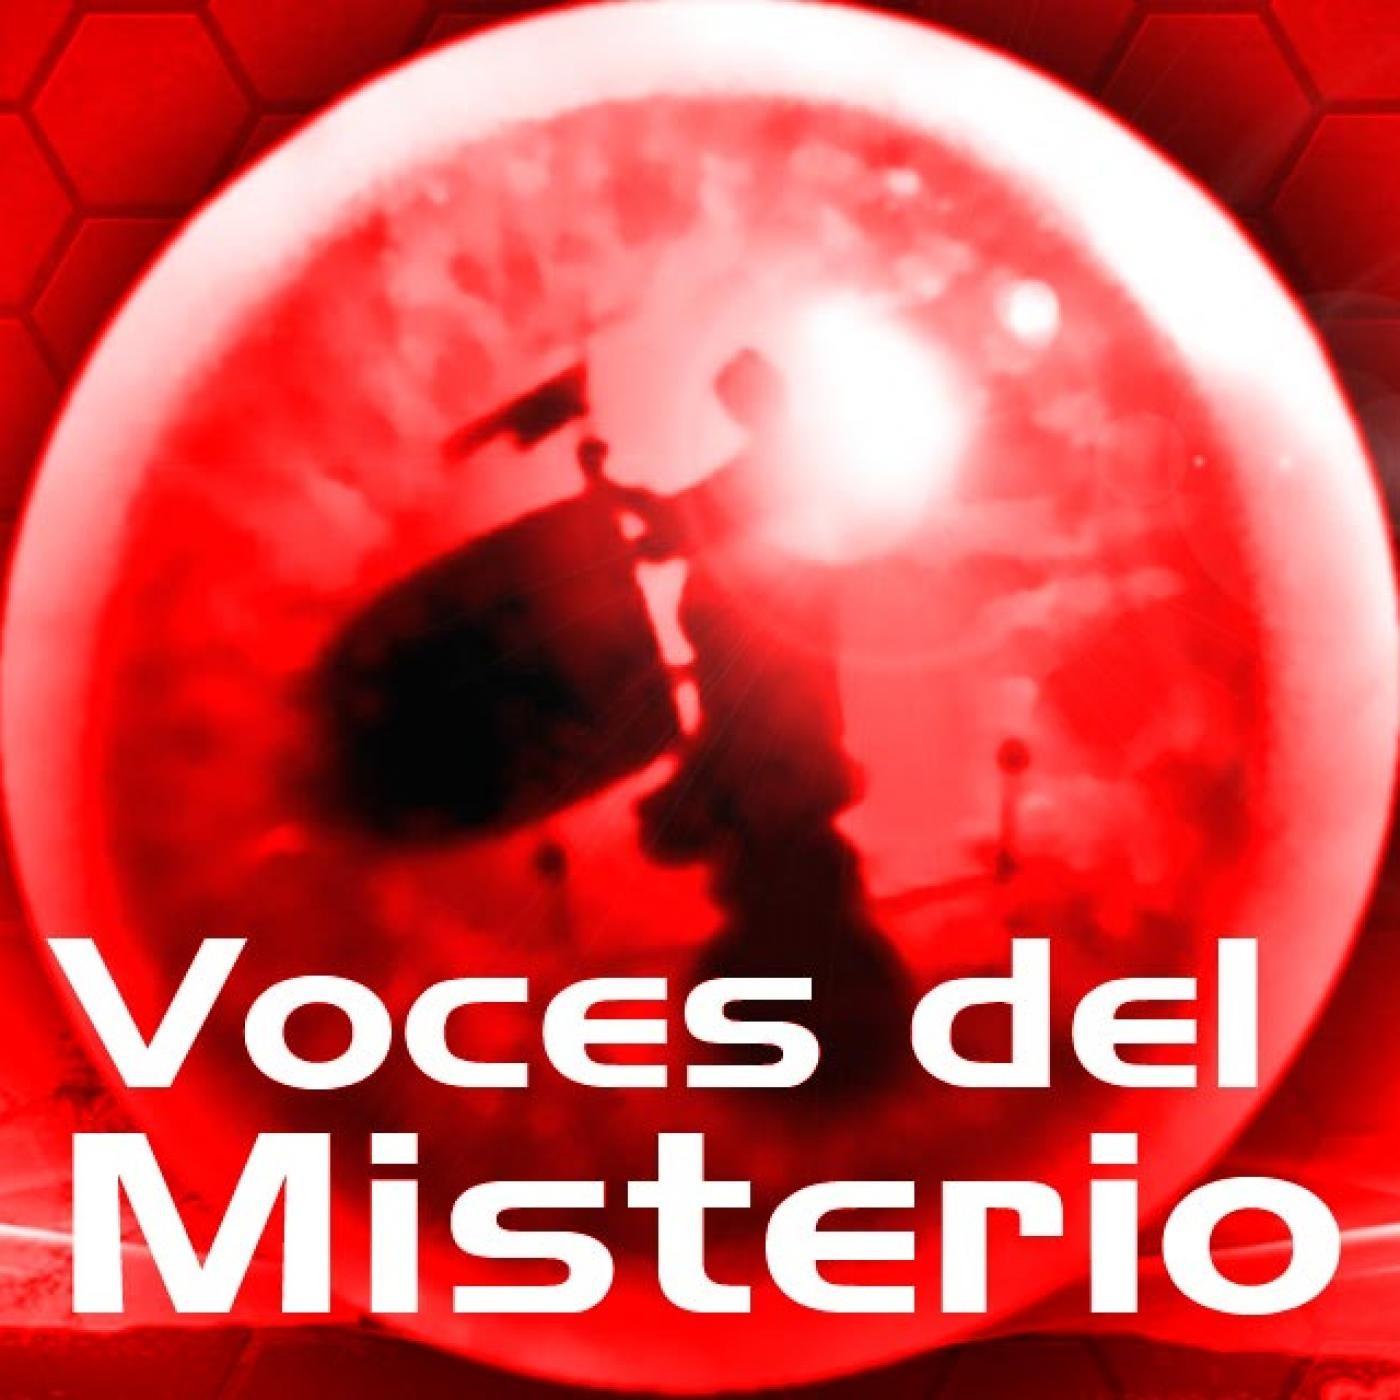 Voces del Misterio ESPECIAL: Jesús Callejo y el SIGNIFICADO OCULTOS DE LOS SUEÑOS Y LOS JUEGOS